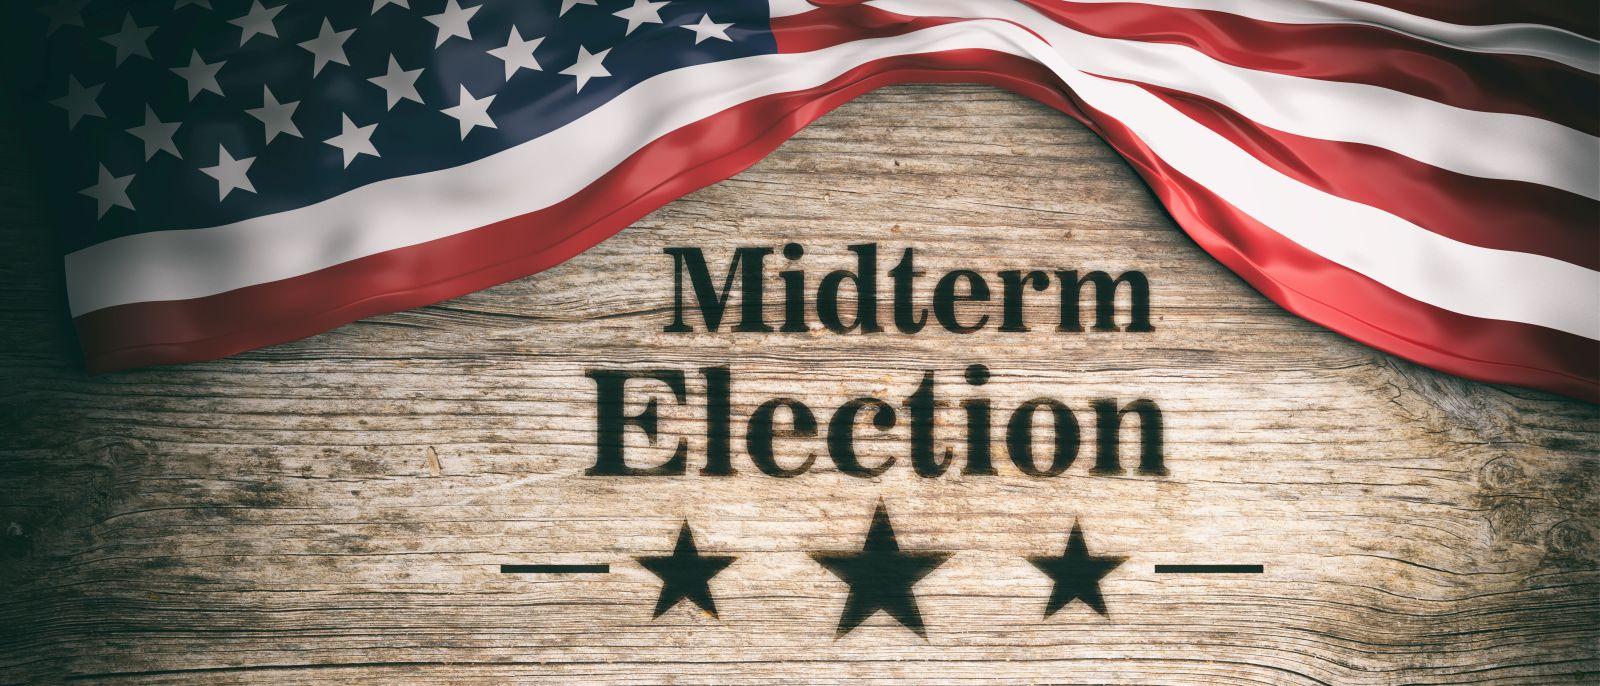 In den Vereinigten Staaten von Amerika finden alle zwei Jahre nach beziehungsweise vor einer Präsidentschaftswahl Zwischenwahlen statt. In diesem Jahr wird am Dienstag, 06. November 2018 gewählt. Doch was hat es damit eigentlich auf sich?